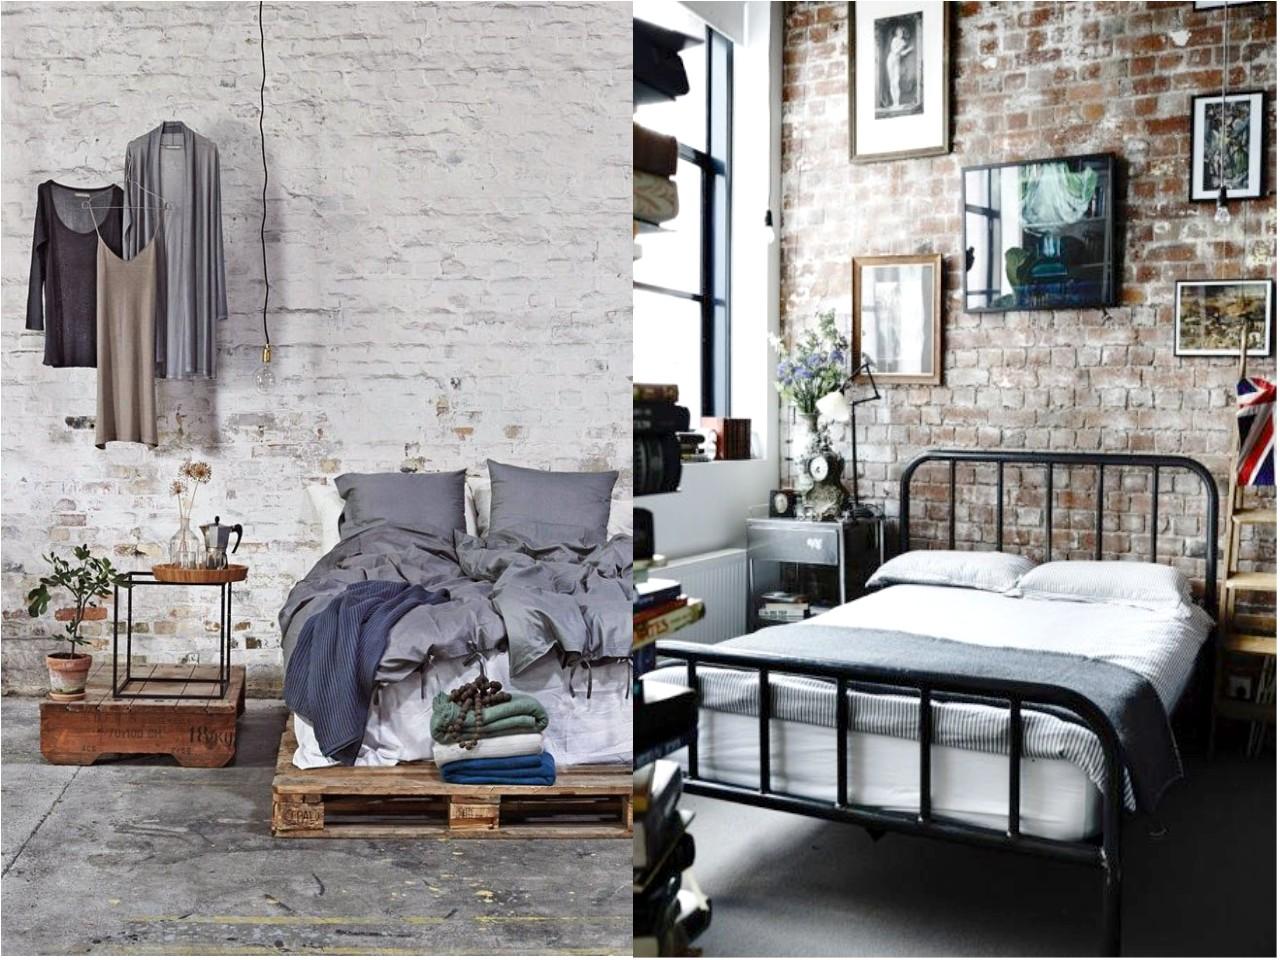 Dormitorios estilo industrial en 7 sencillos pasos for Pintura estilo industrial